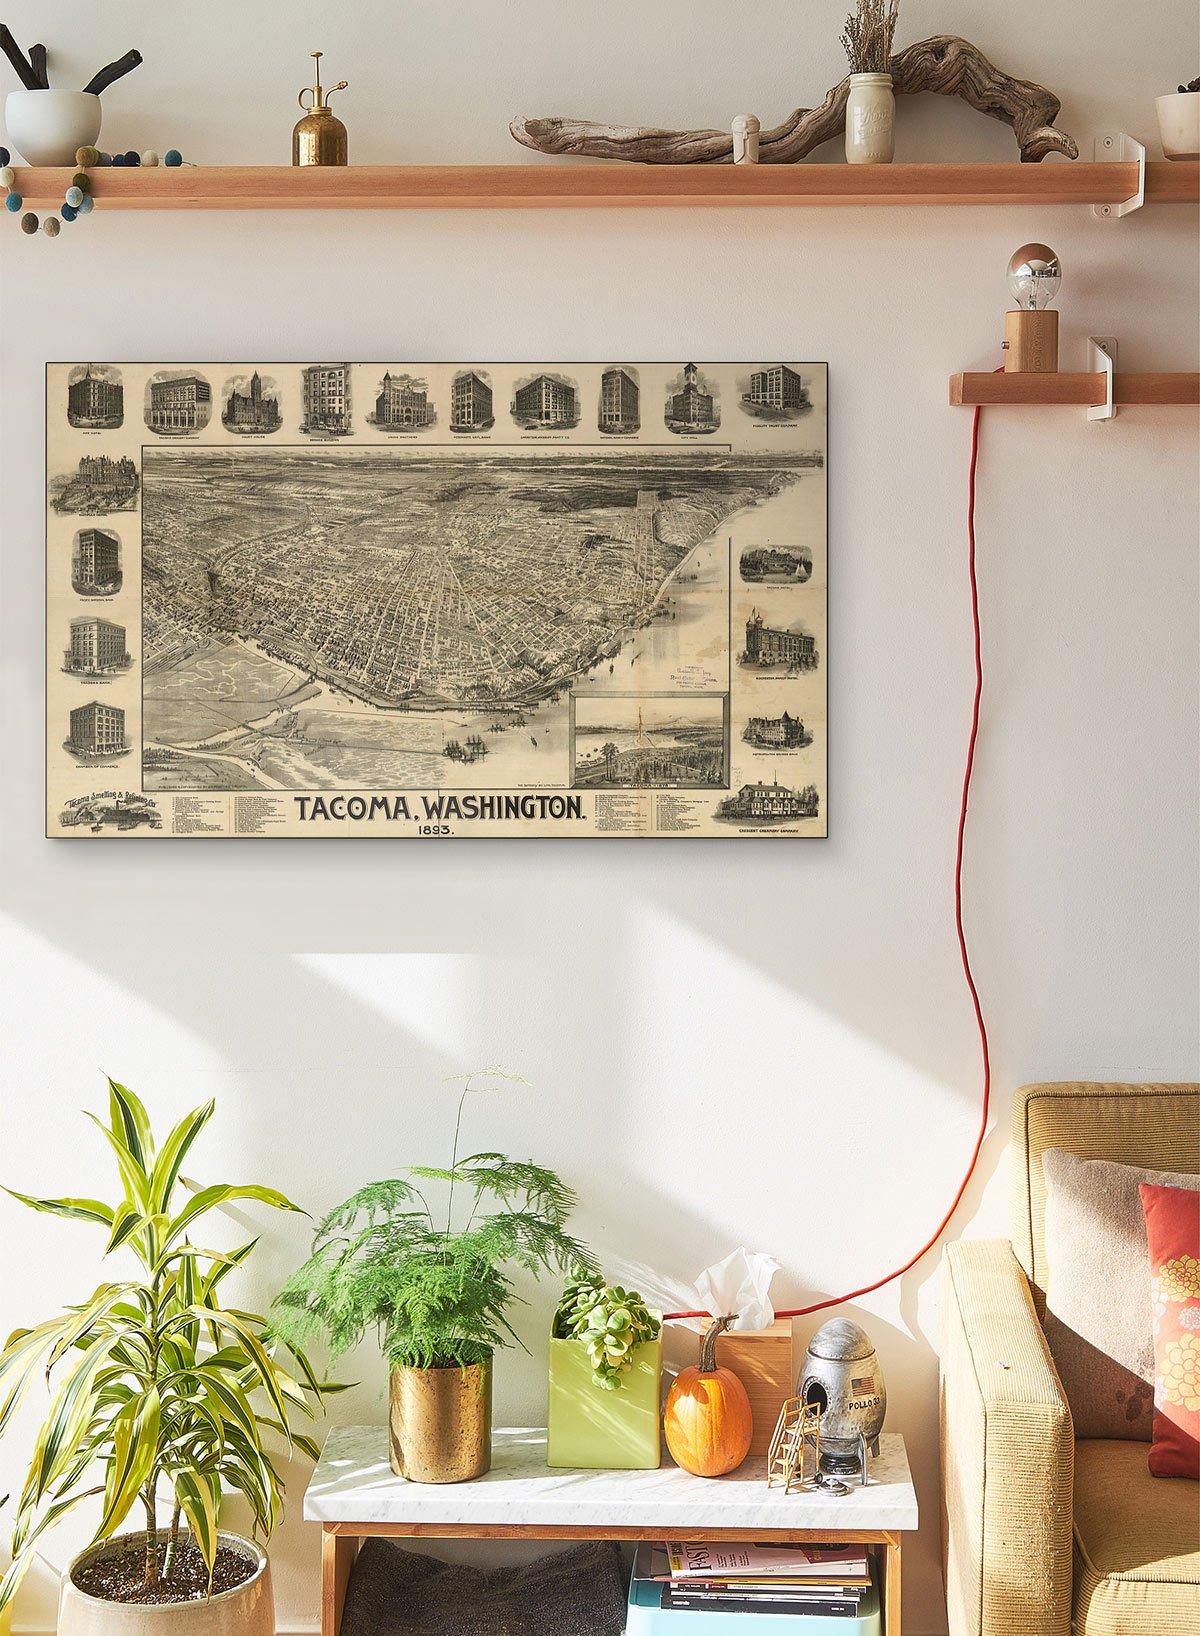 Tacoma Washington LARGE Vintage Map